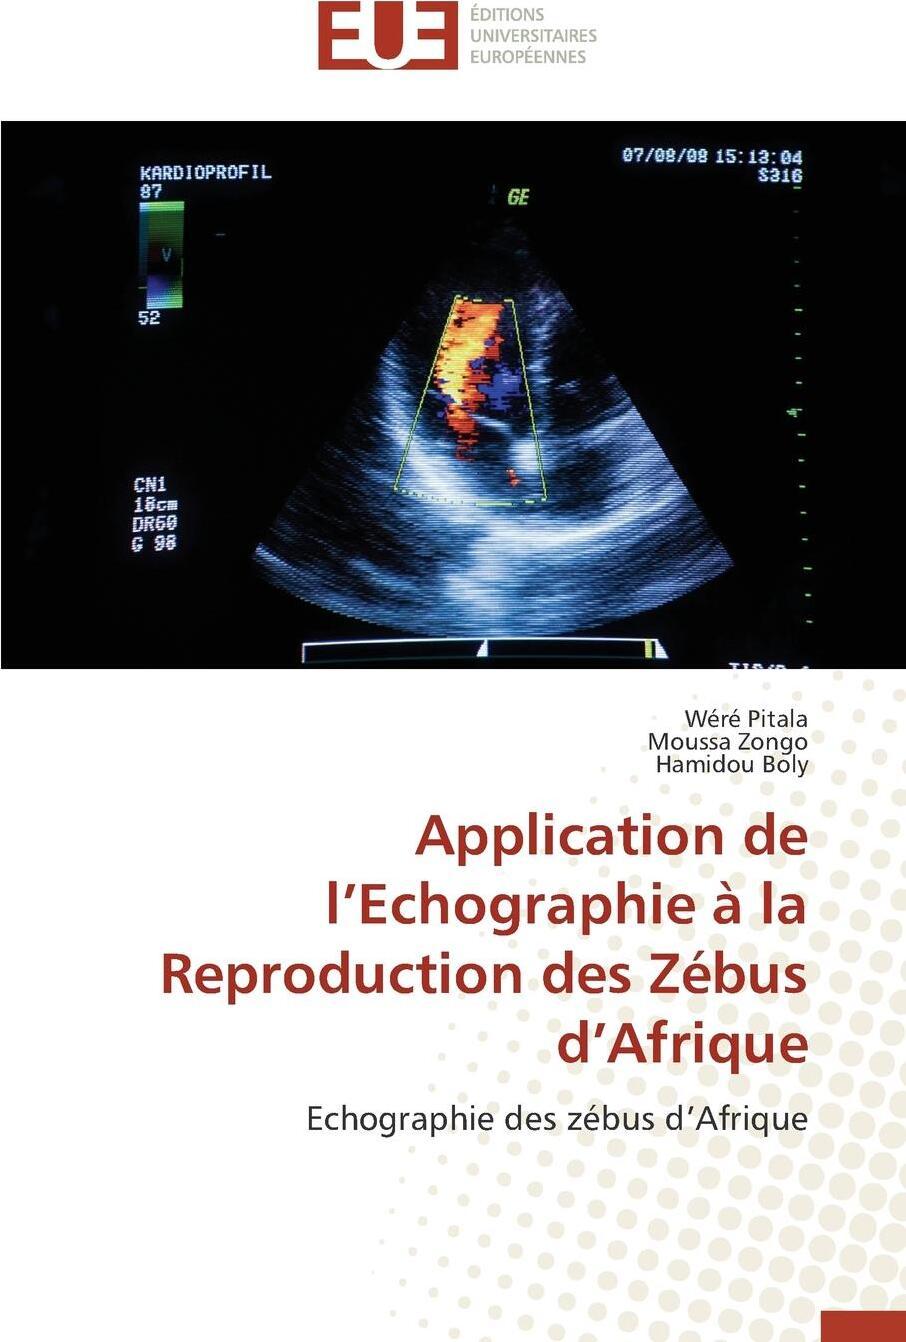 Application de l echographie a la reproduction des zebus d afrique